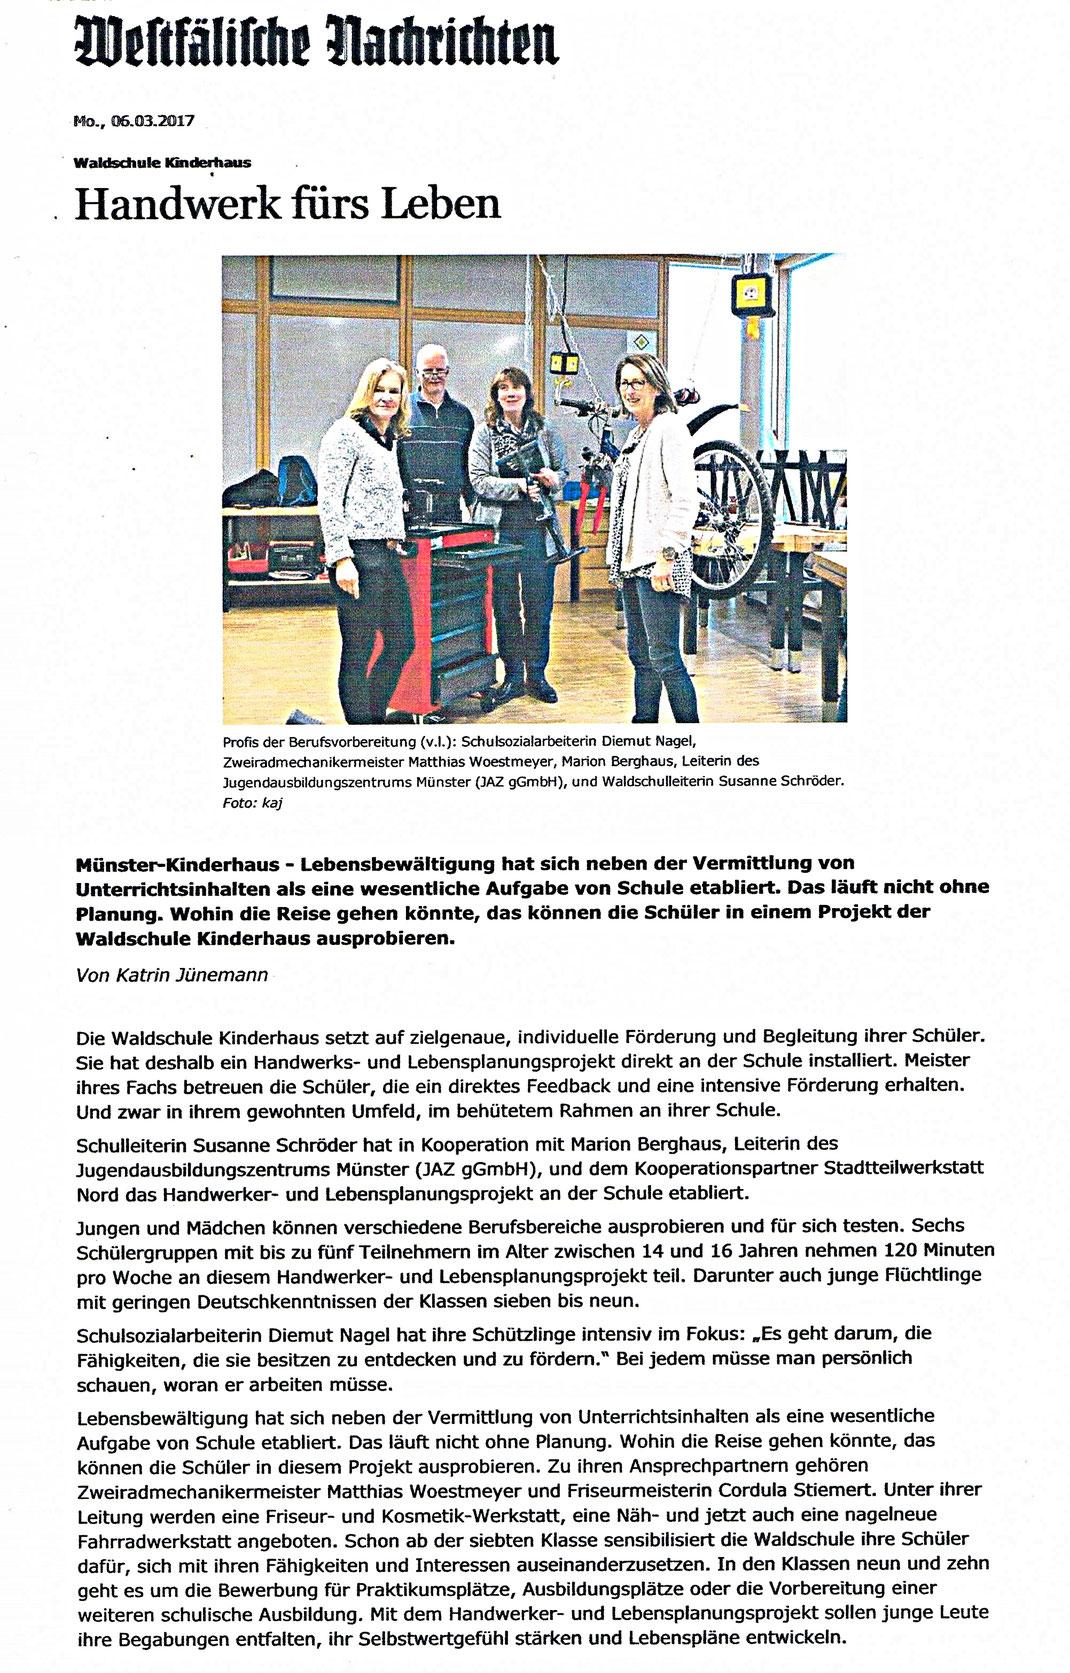 """Bericht der Westfälischen Nachrichten """" Handwerk fürs Leben """" vom 06.03.2017"""